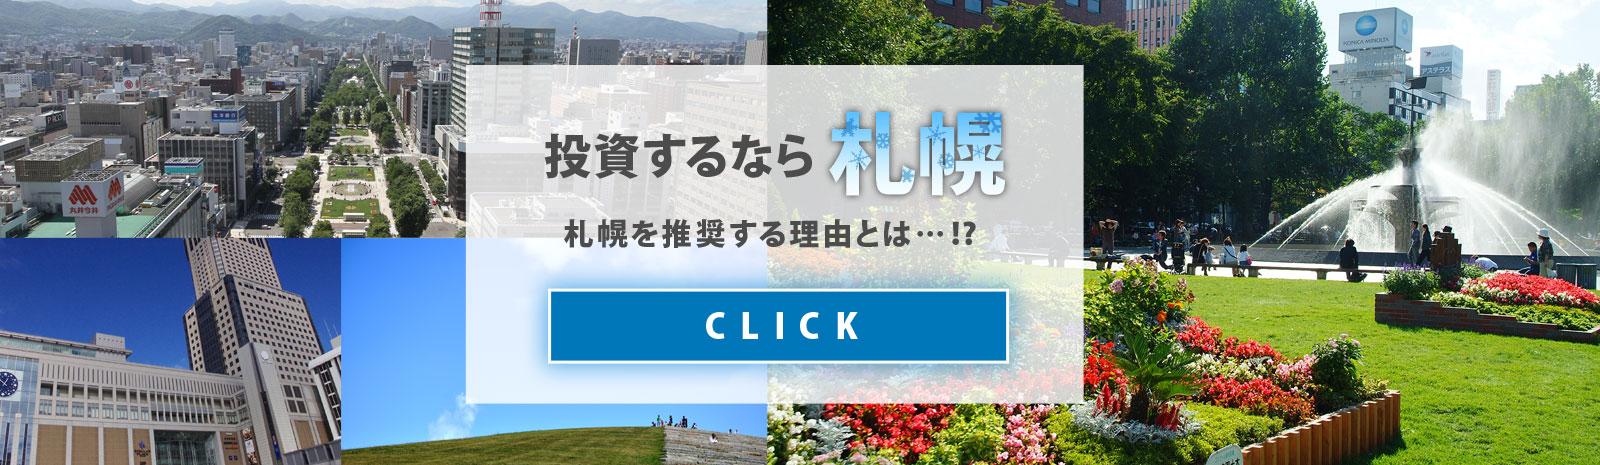 札幌の不動産投資を推奨する理由